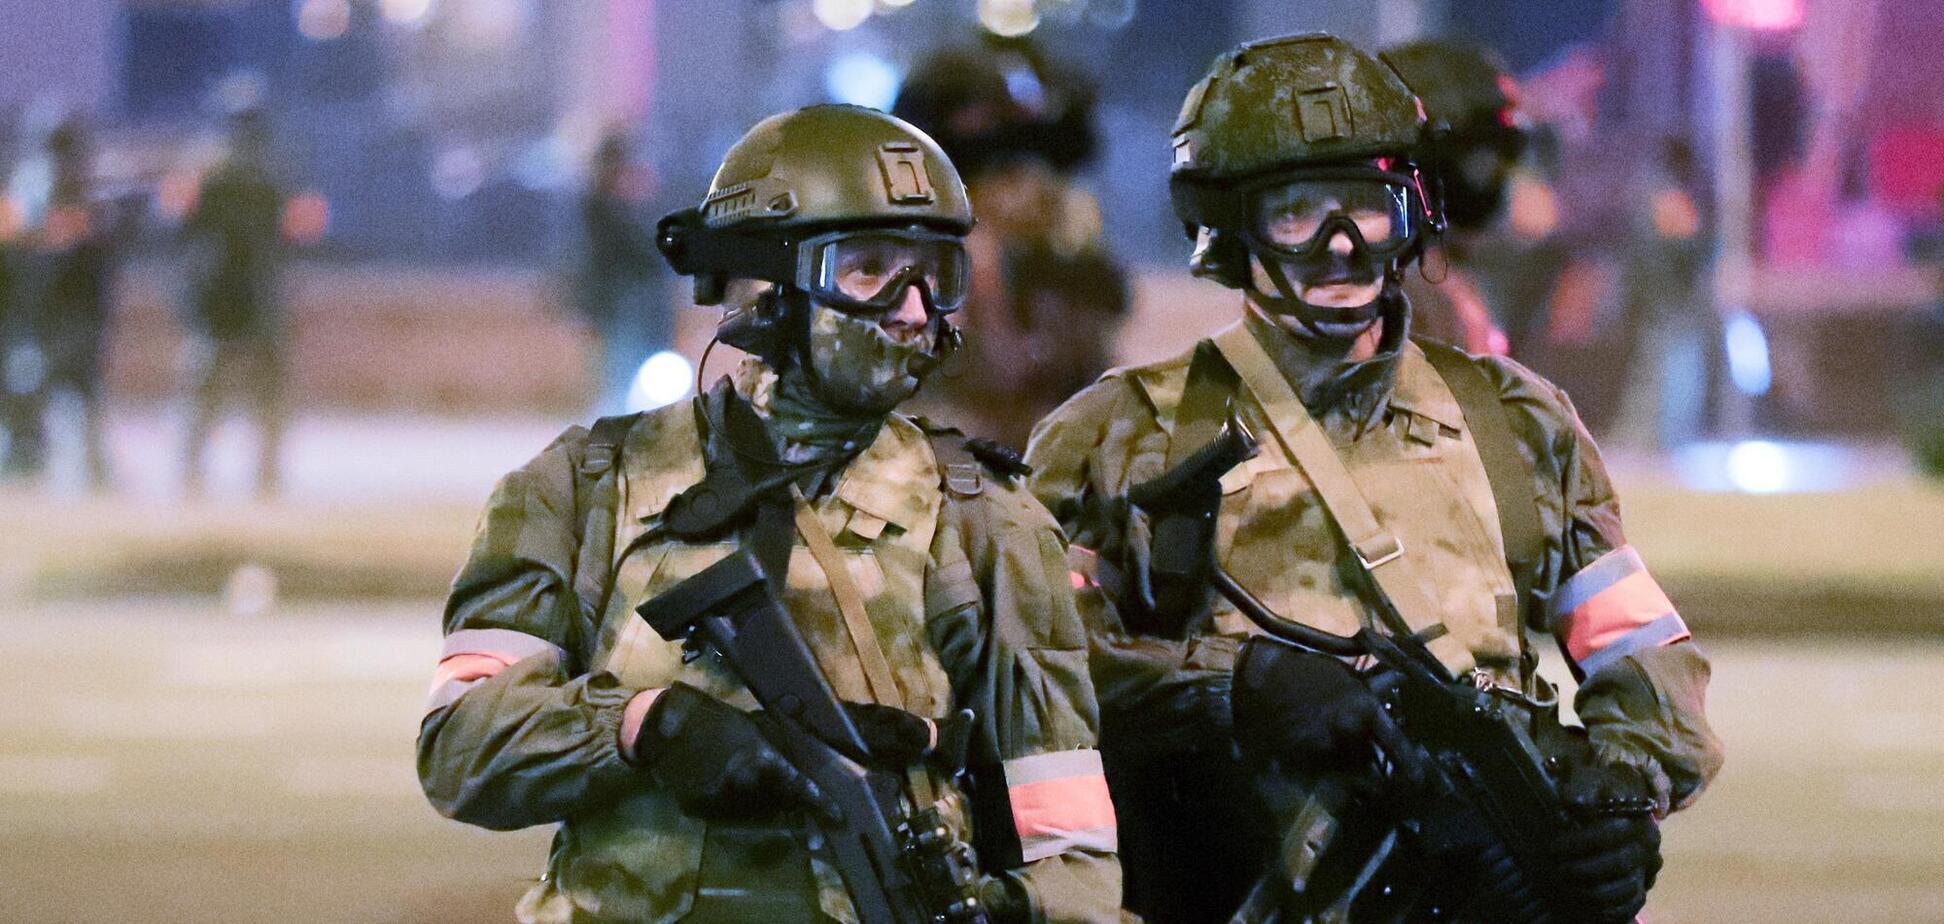 Глава КГБ Беларуси заявил о планировавшихся в стране крупных терактах